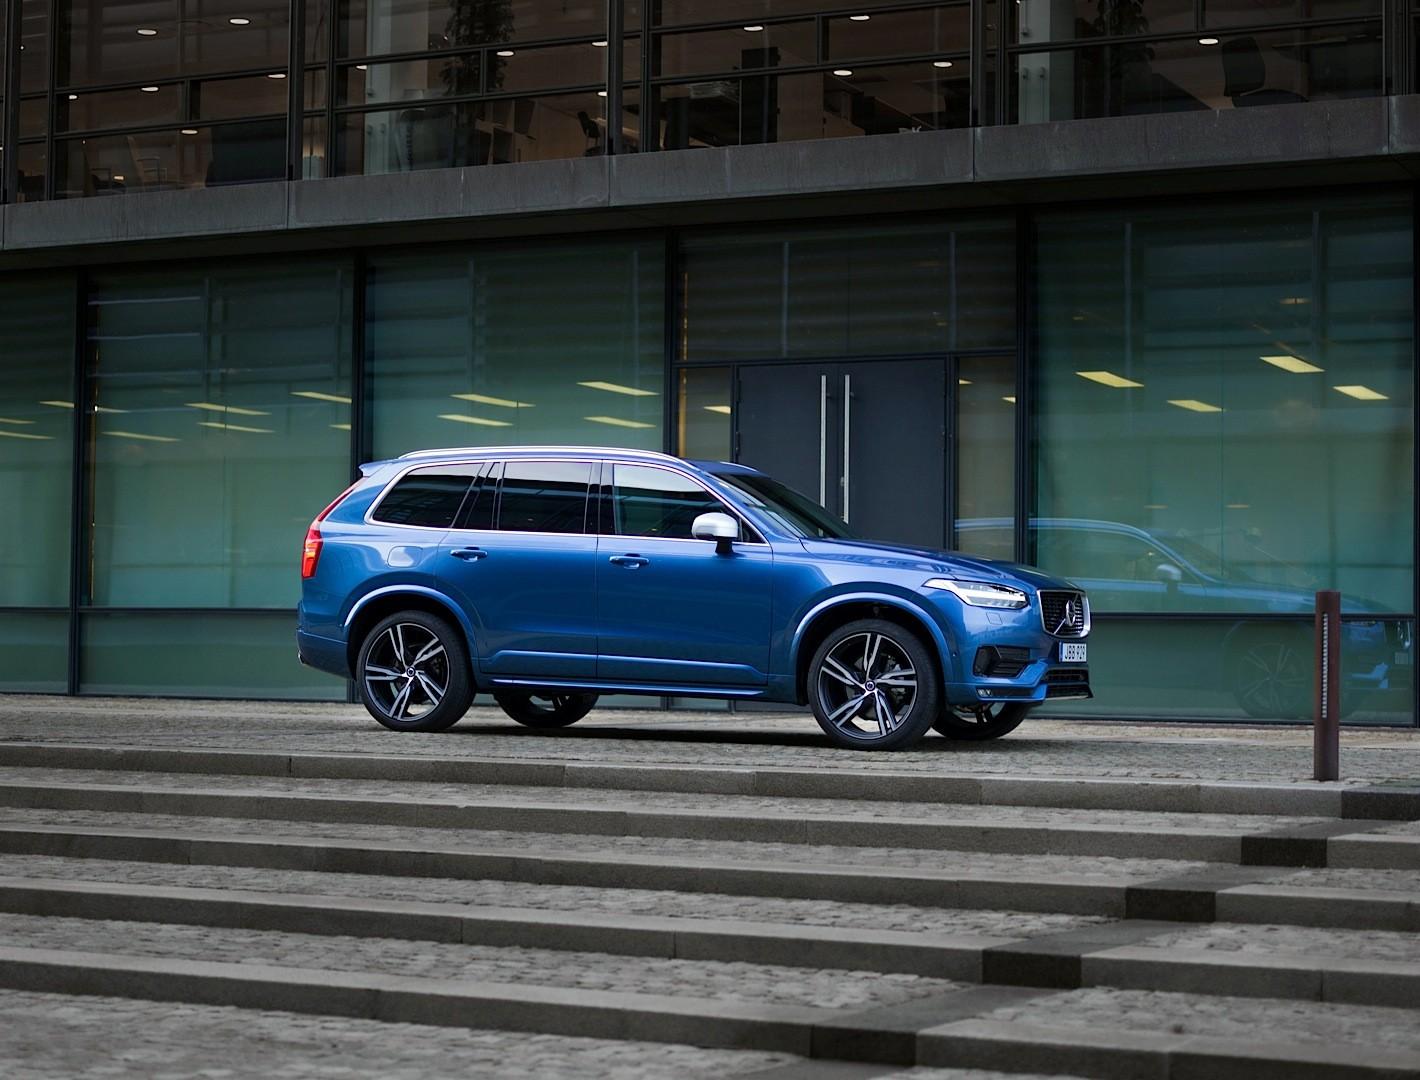 2016 Volvo XC90 R-Design Shows More Aggressive Design and 22-inch Wheels - autoevolution